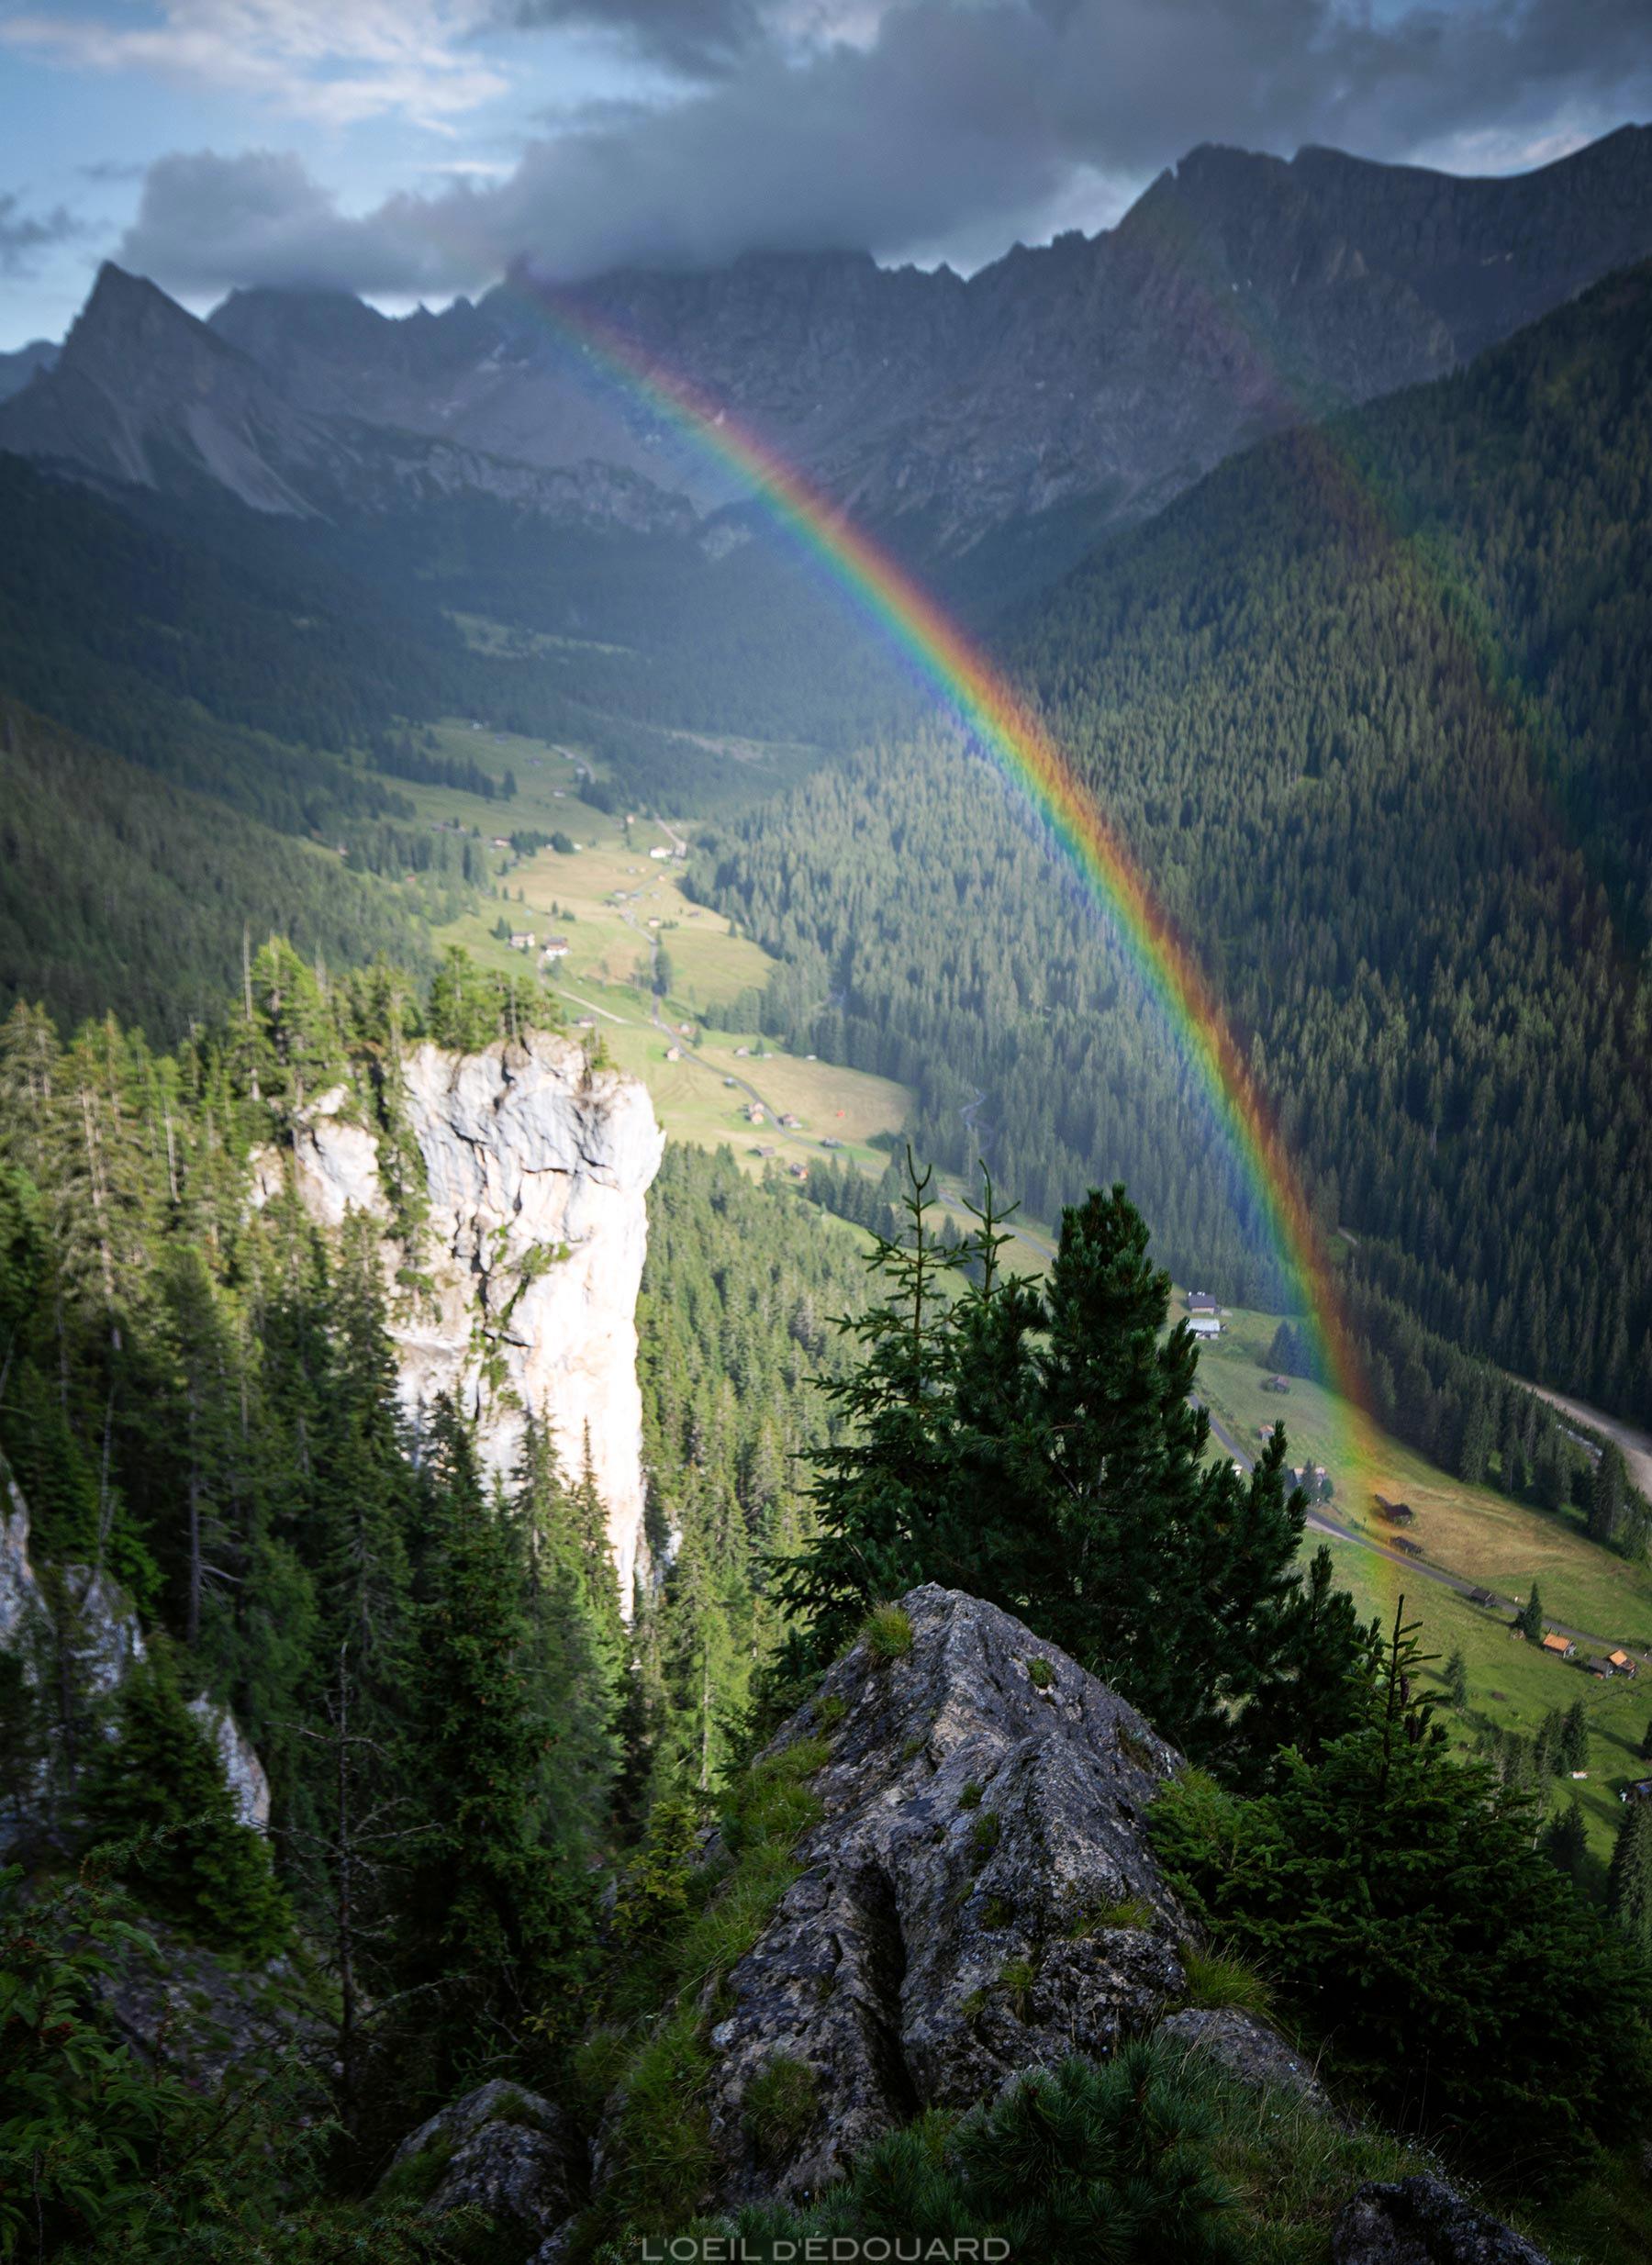 Arco-íris nas montanhas de Val San Nicolò Dolomitas Itália / Arco-íris nas montanhas Dolomitas Itália Itália © L'Oeil d'Édouard - Todos os direitos reservados